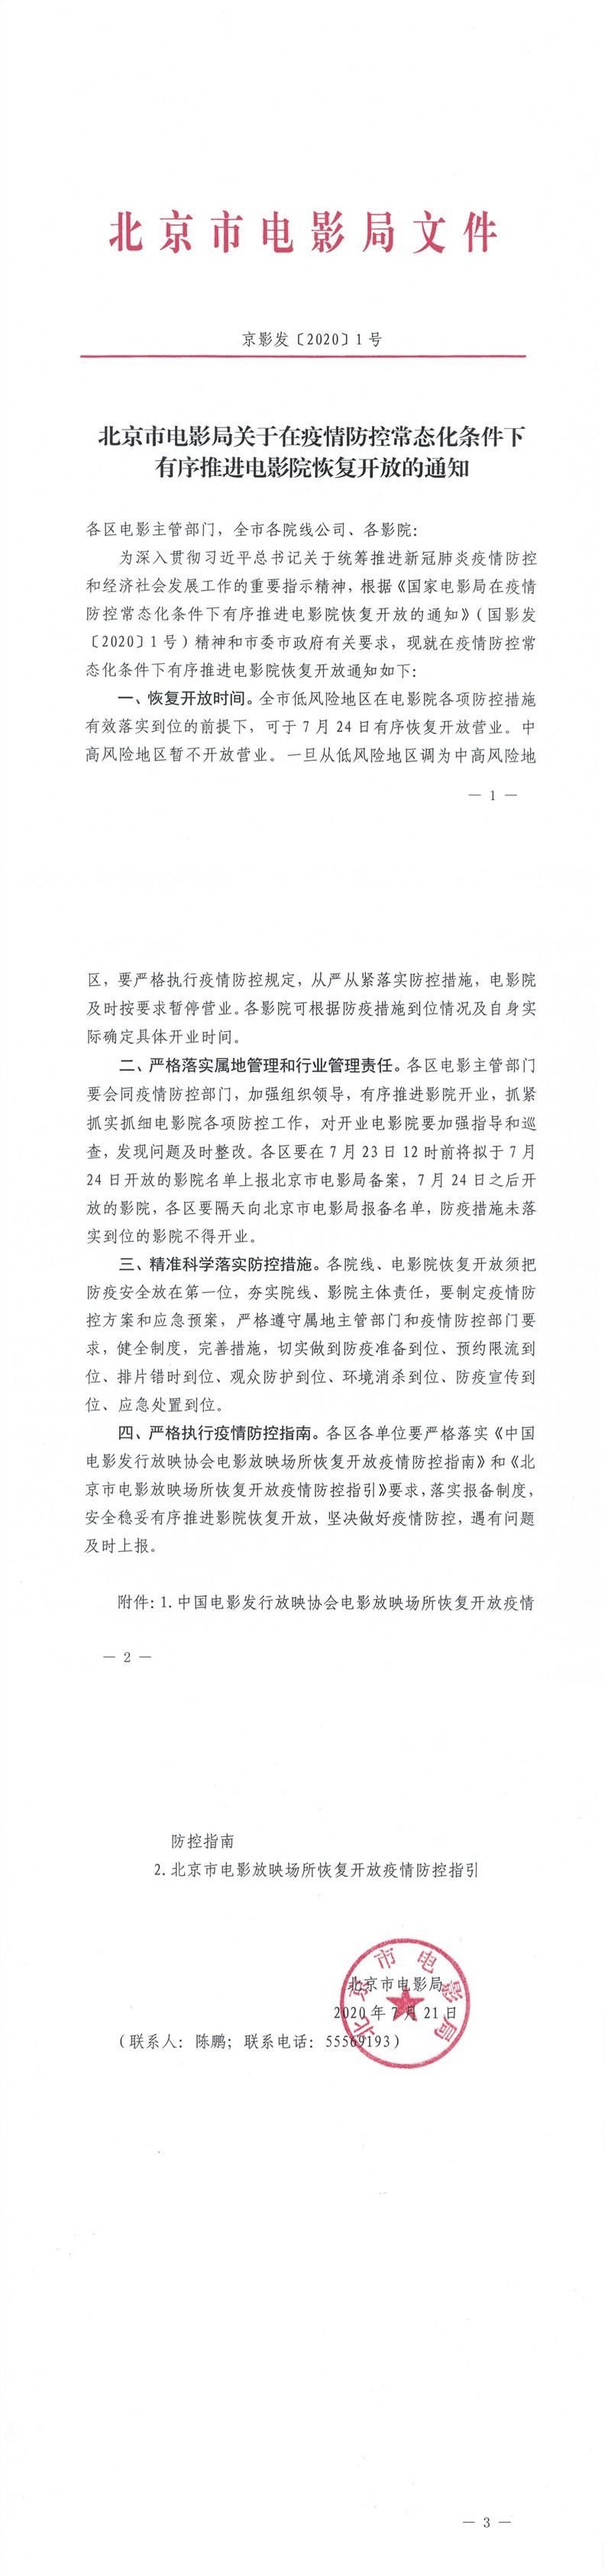 通知!北京:低风险地区电影院可于7月24日有序恢复开放营业